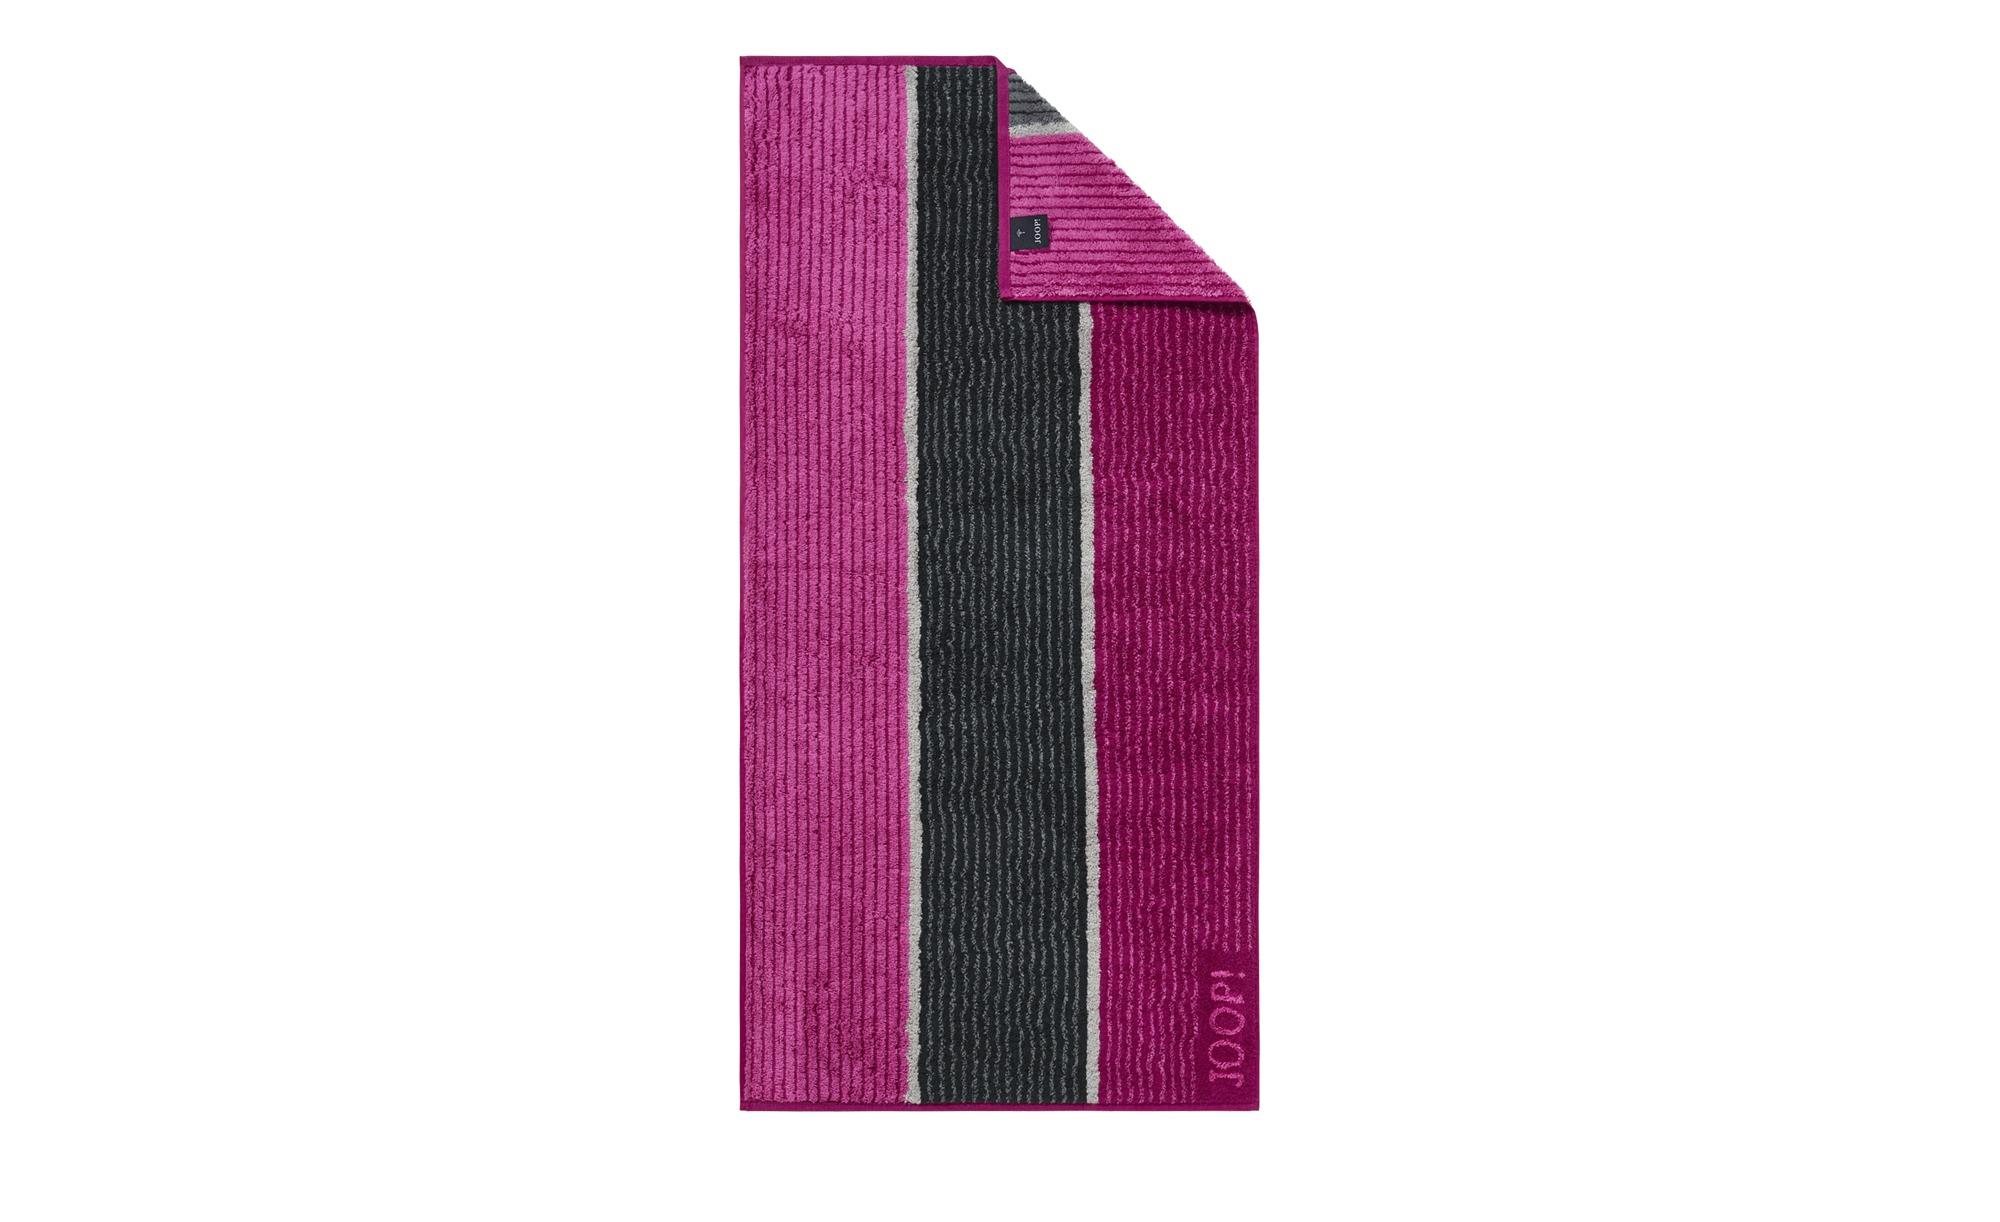 JOOP! Handtuch  JOOP 1658 Streifen ¦ rosa/pink ¦ 100% Baumwolle ¦ Maße (cm): B: 50 Badtextilien und Zubehör > Handtücher & Badetücher > Handtücher - Höffner